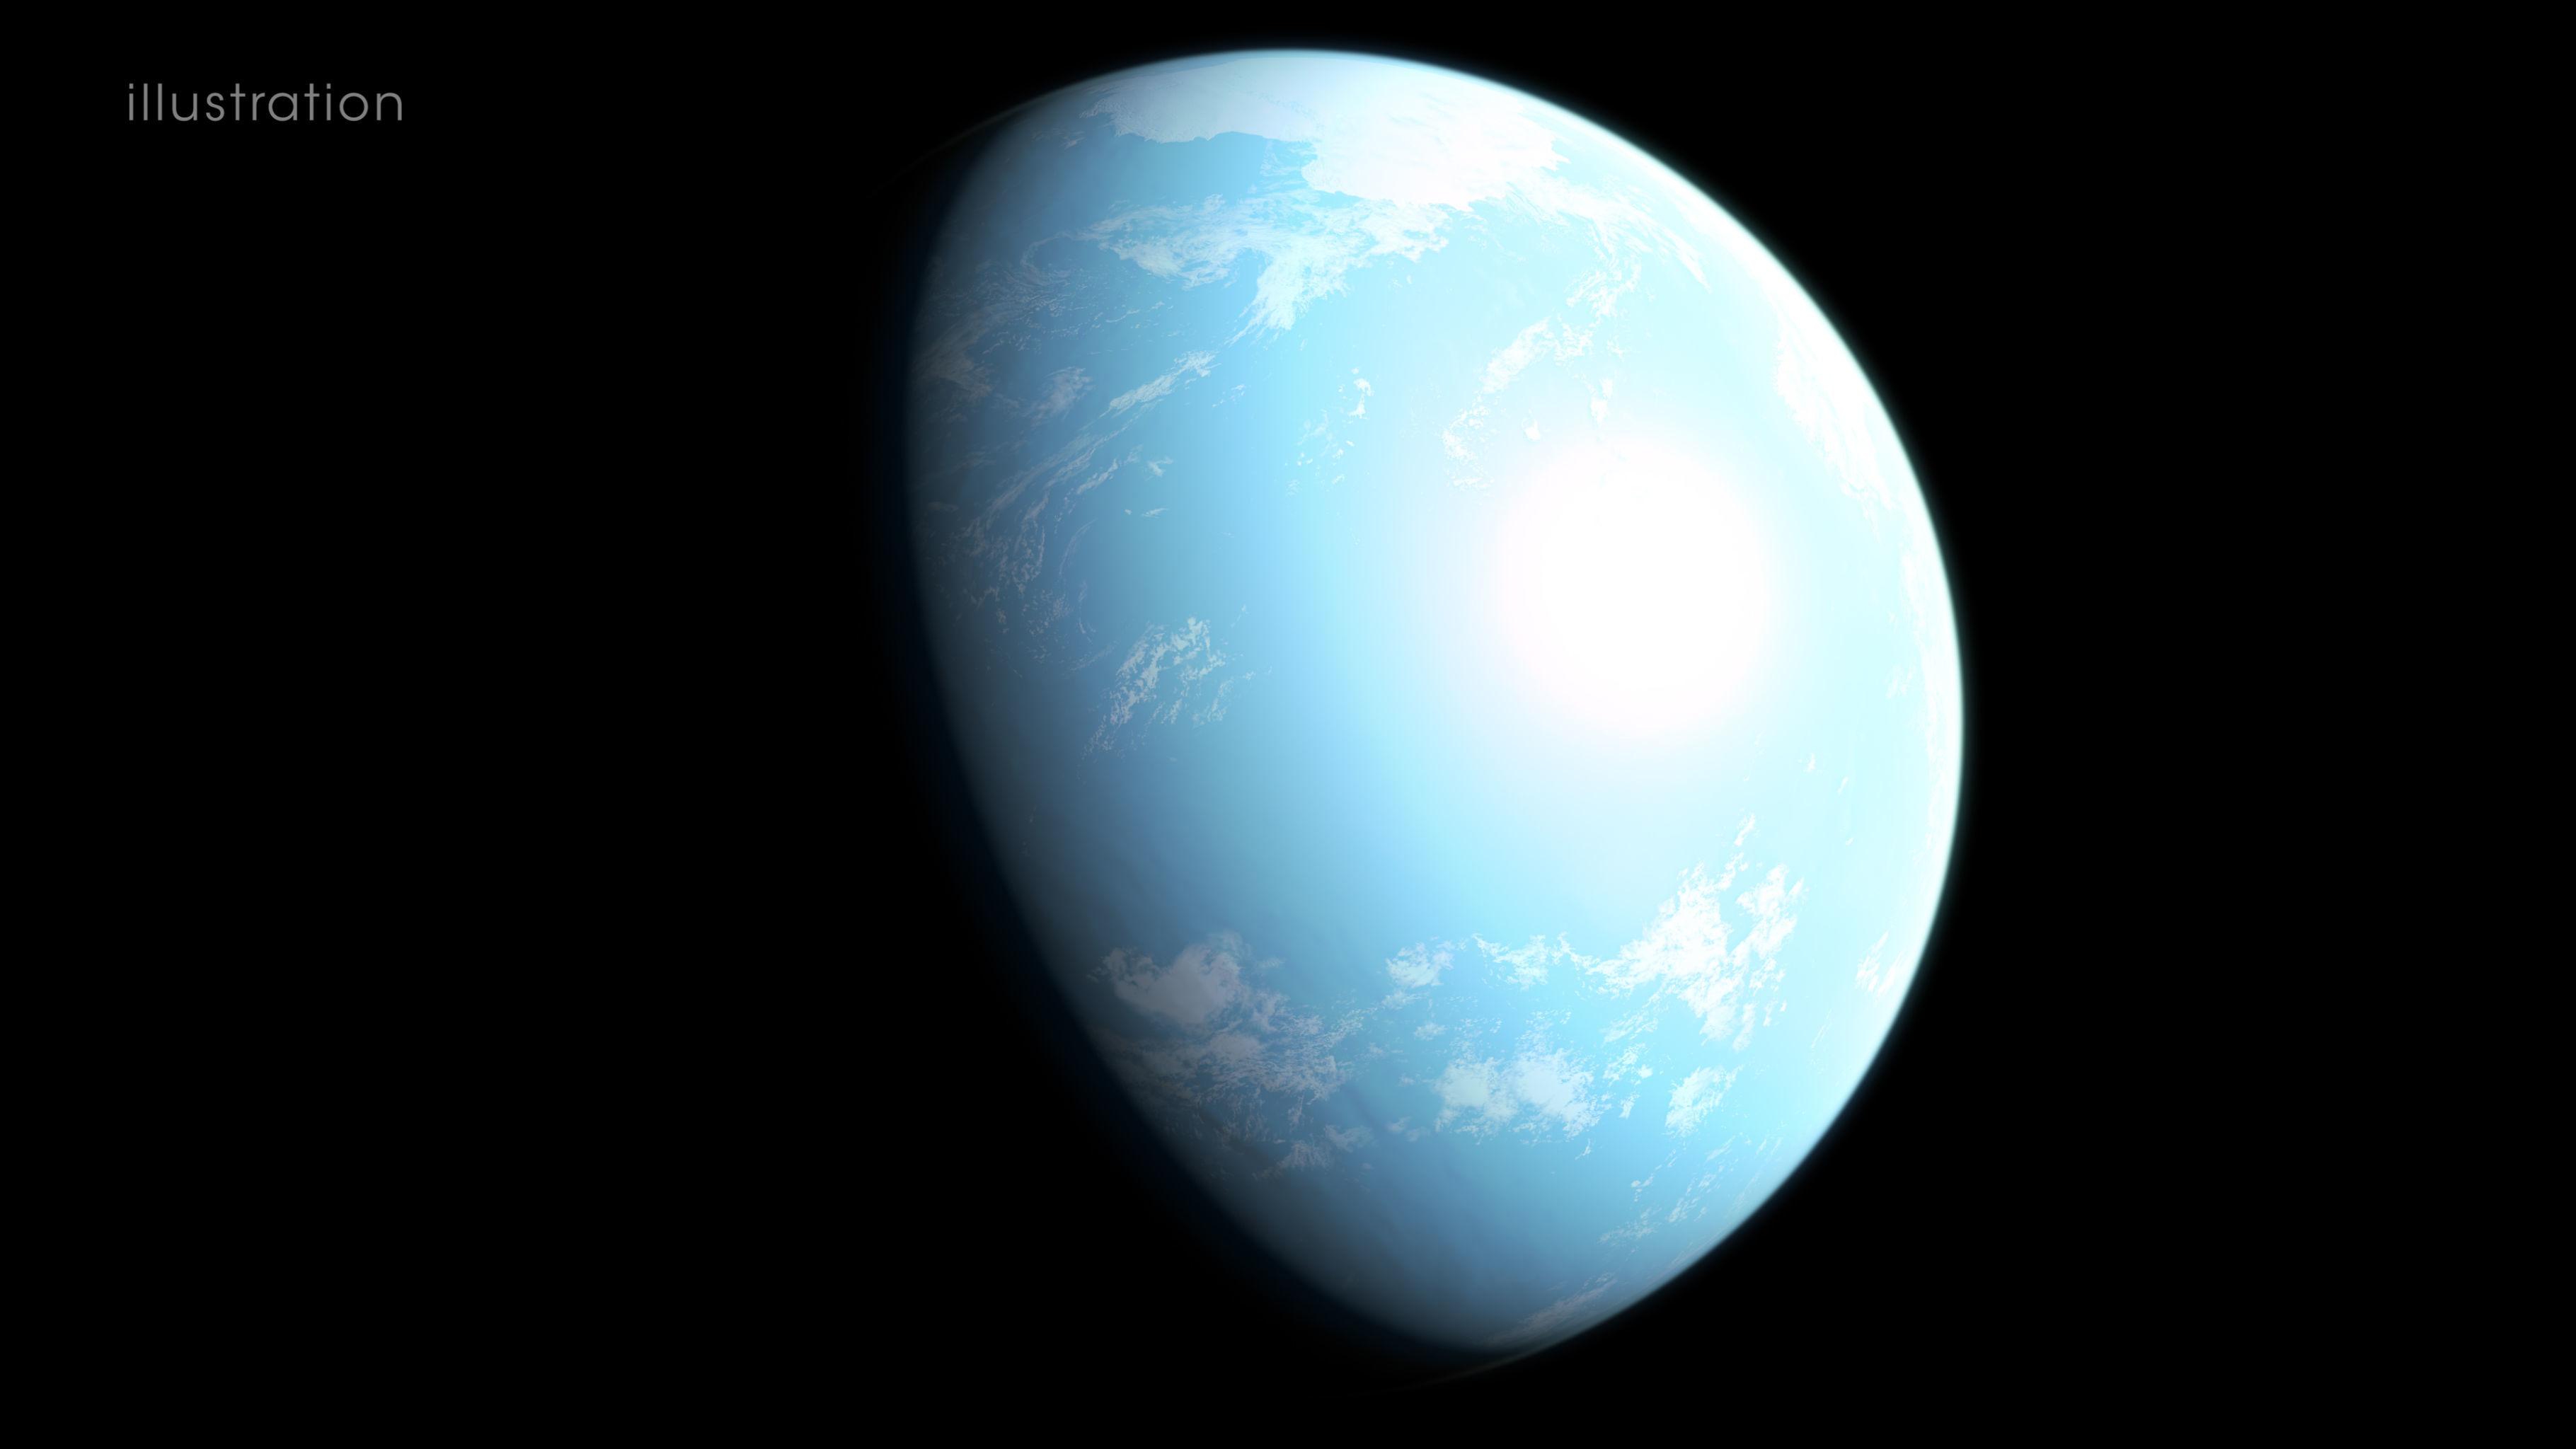 Ilustração mostra interpretação da aparência do planeta GJ 357 d, localizado a cerca de 31 anos-luz de distância da Terra